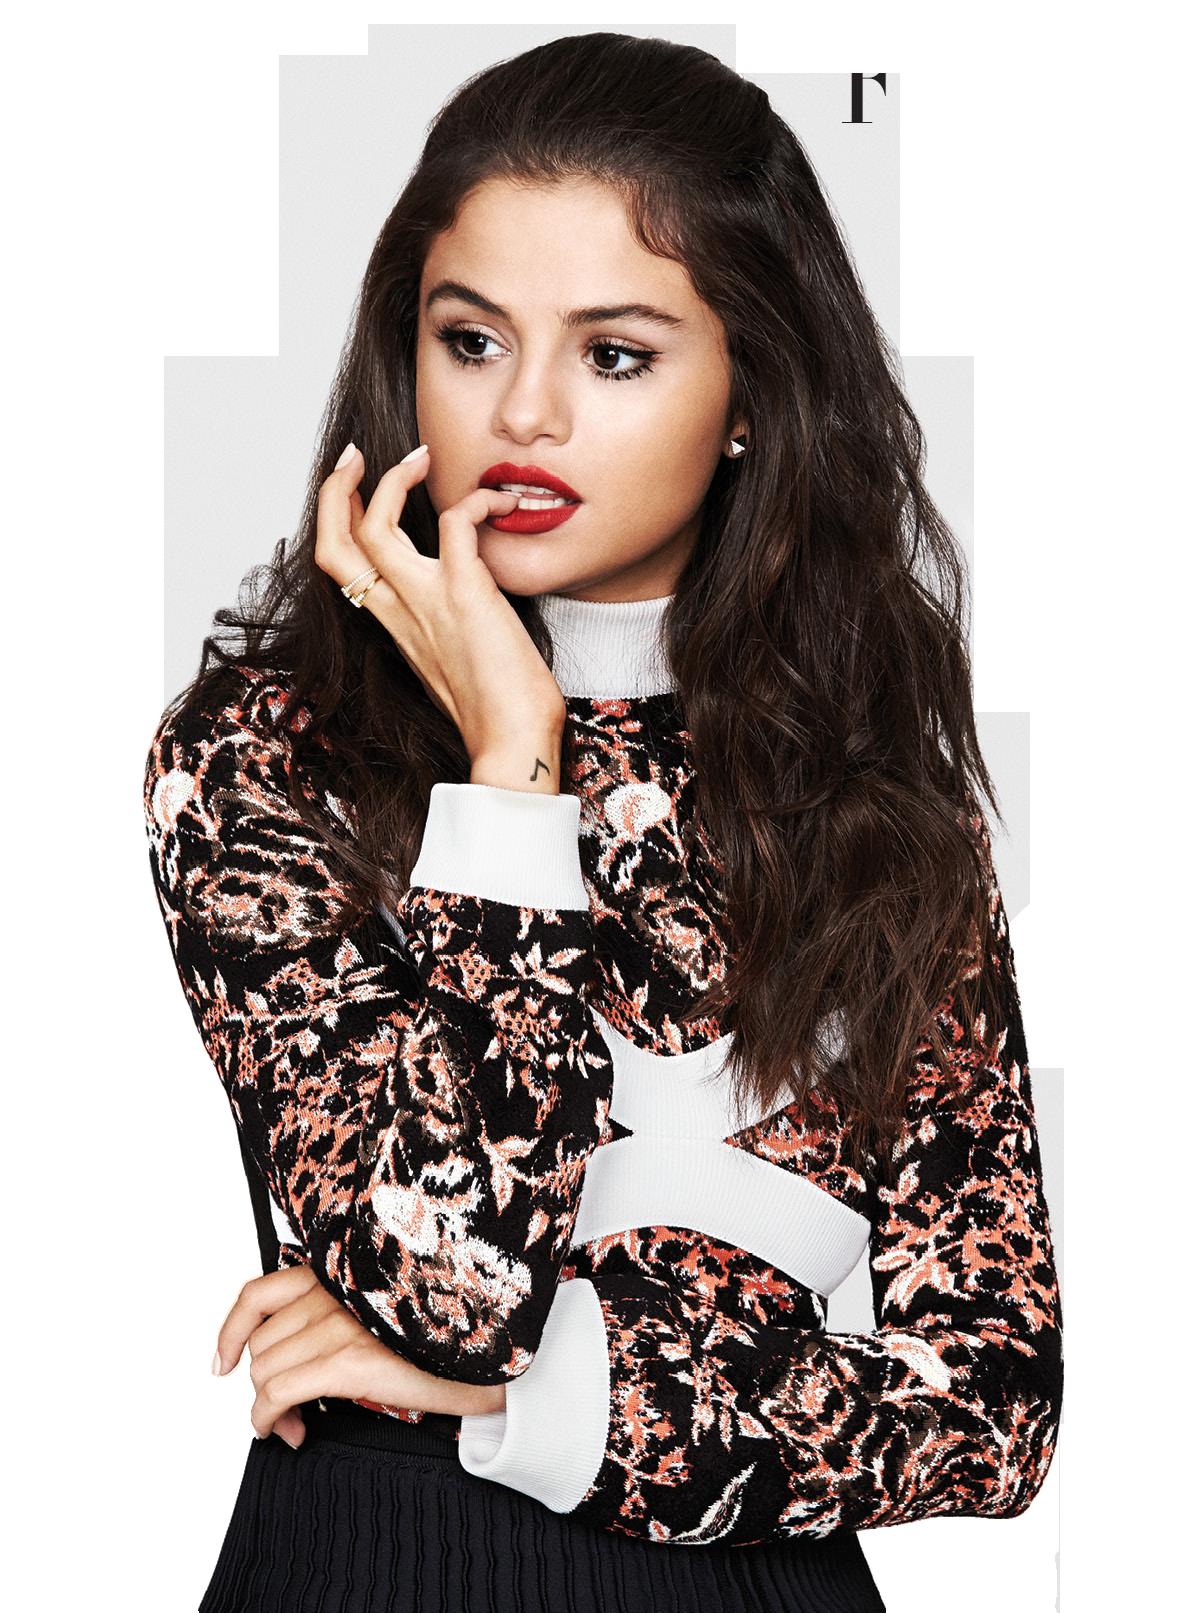 Selena Gomez Thinking Png Image Selena Gomez Selena Gomez Style Selena Gomez Cover